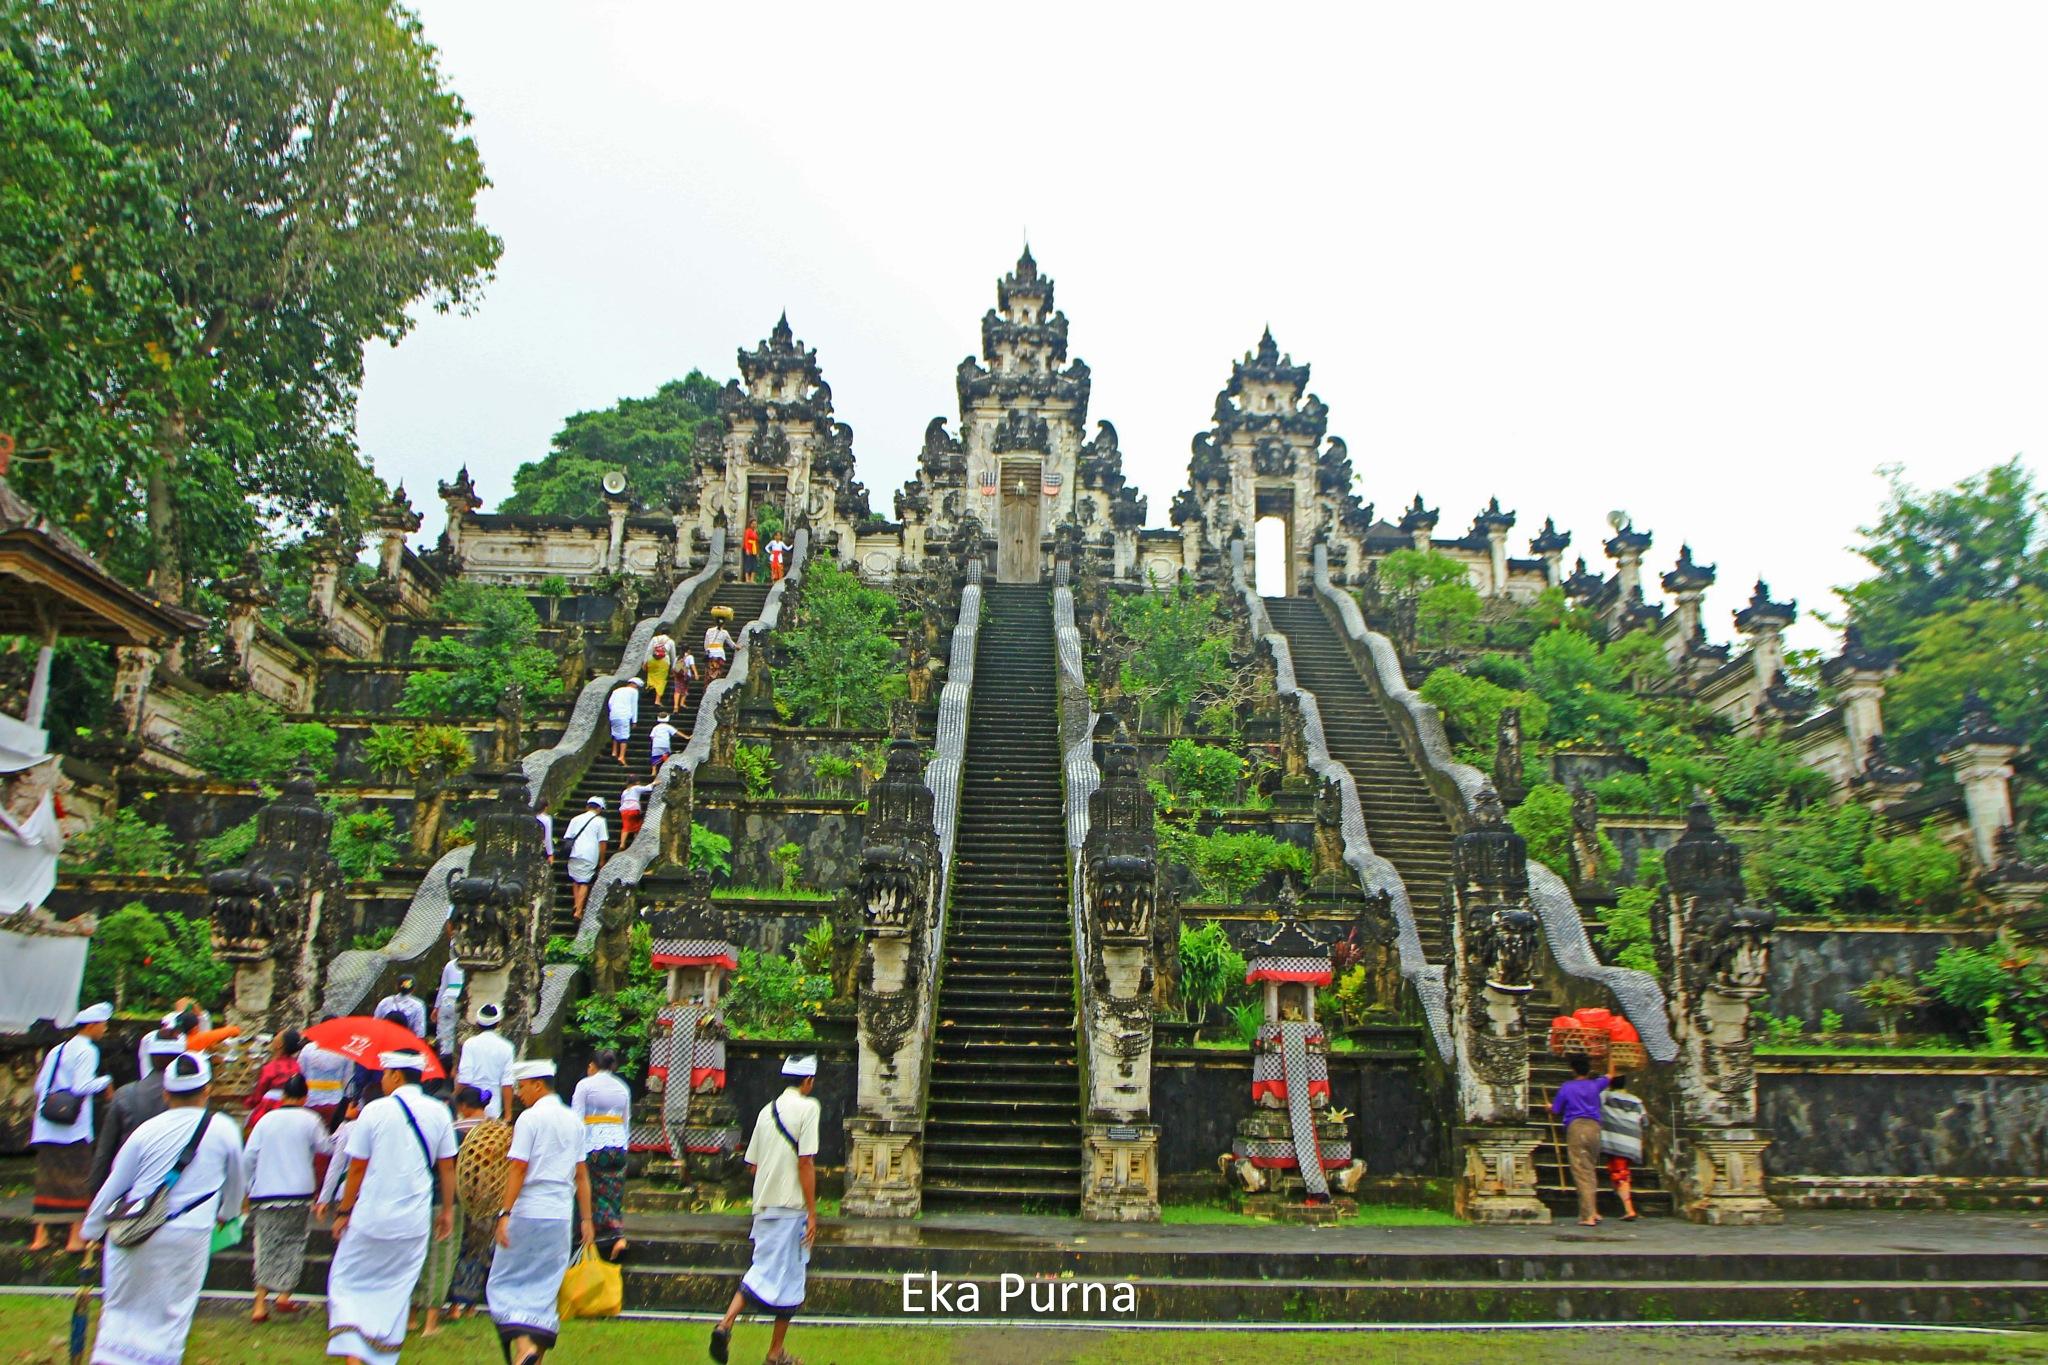 Penataran Agung Lempuyang Luhur Temple by Eka Purna Sumeika